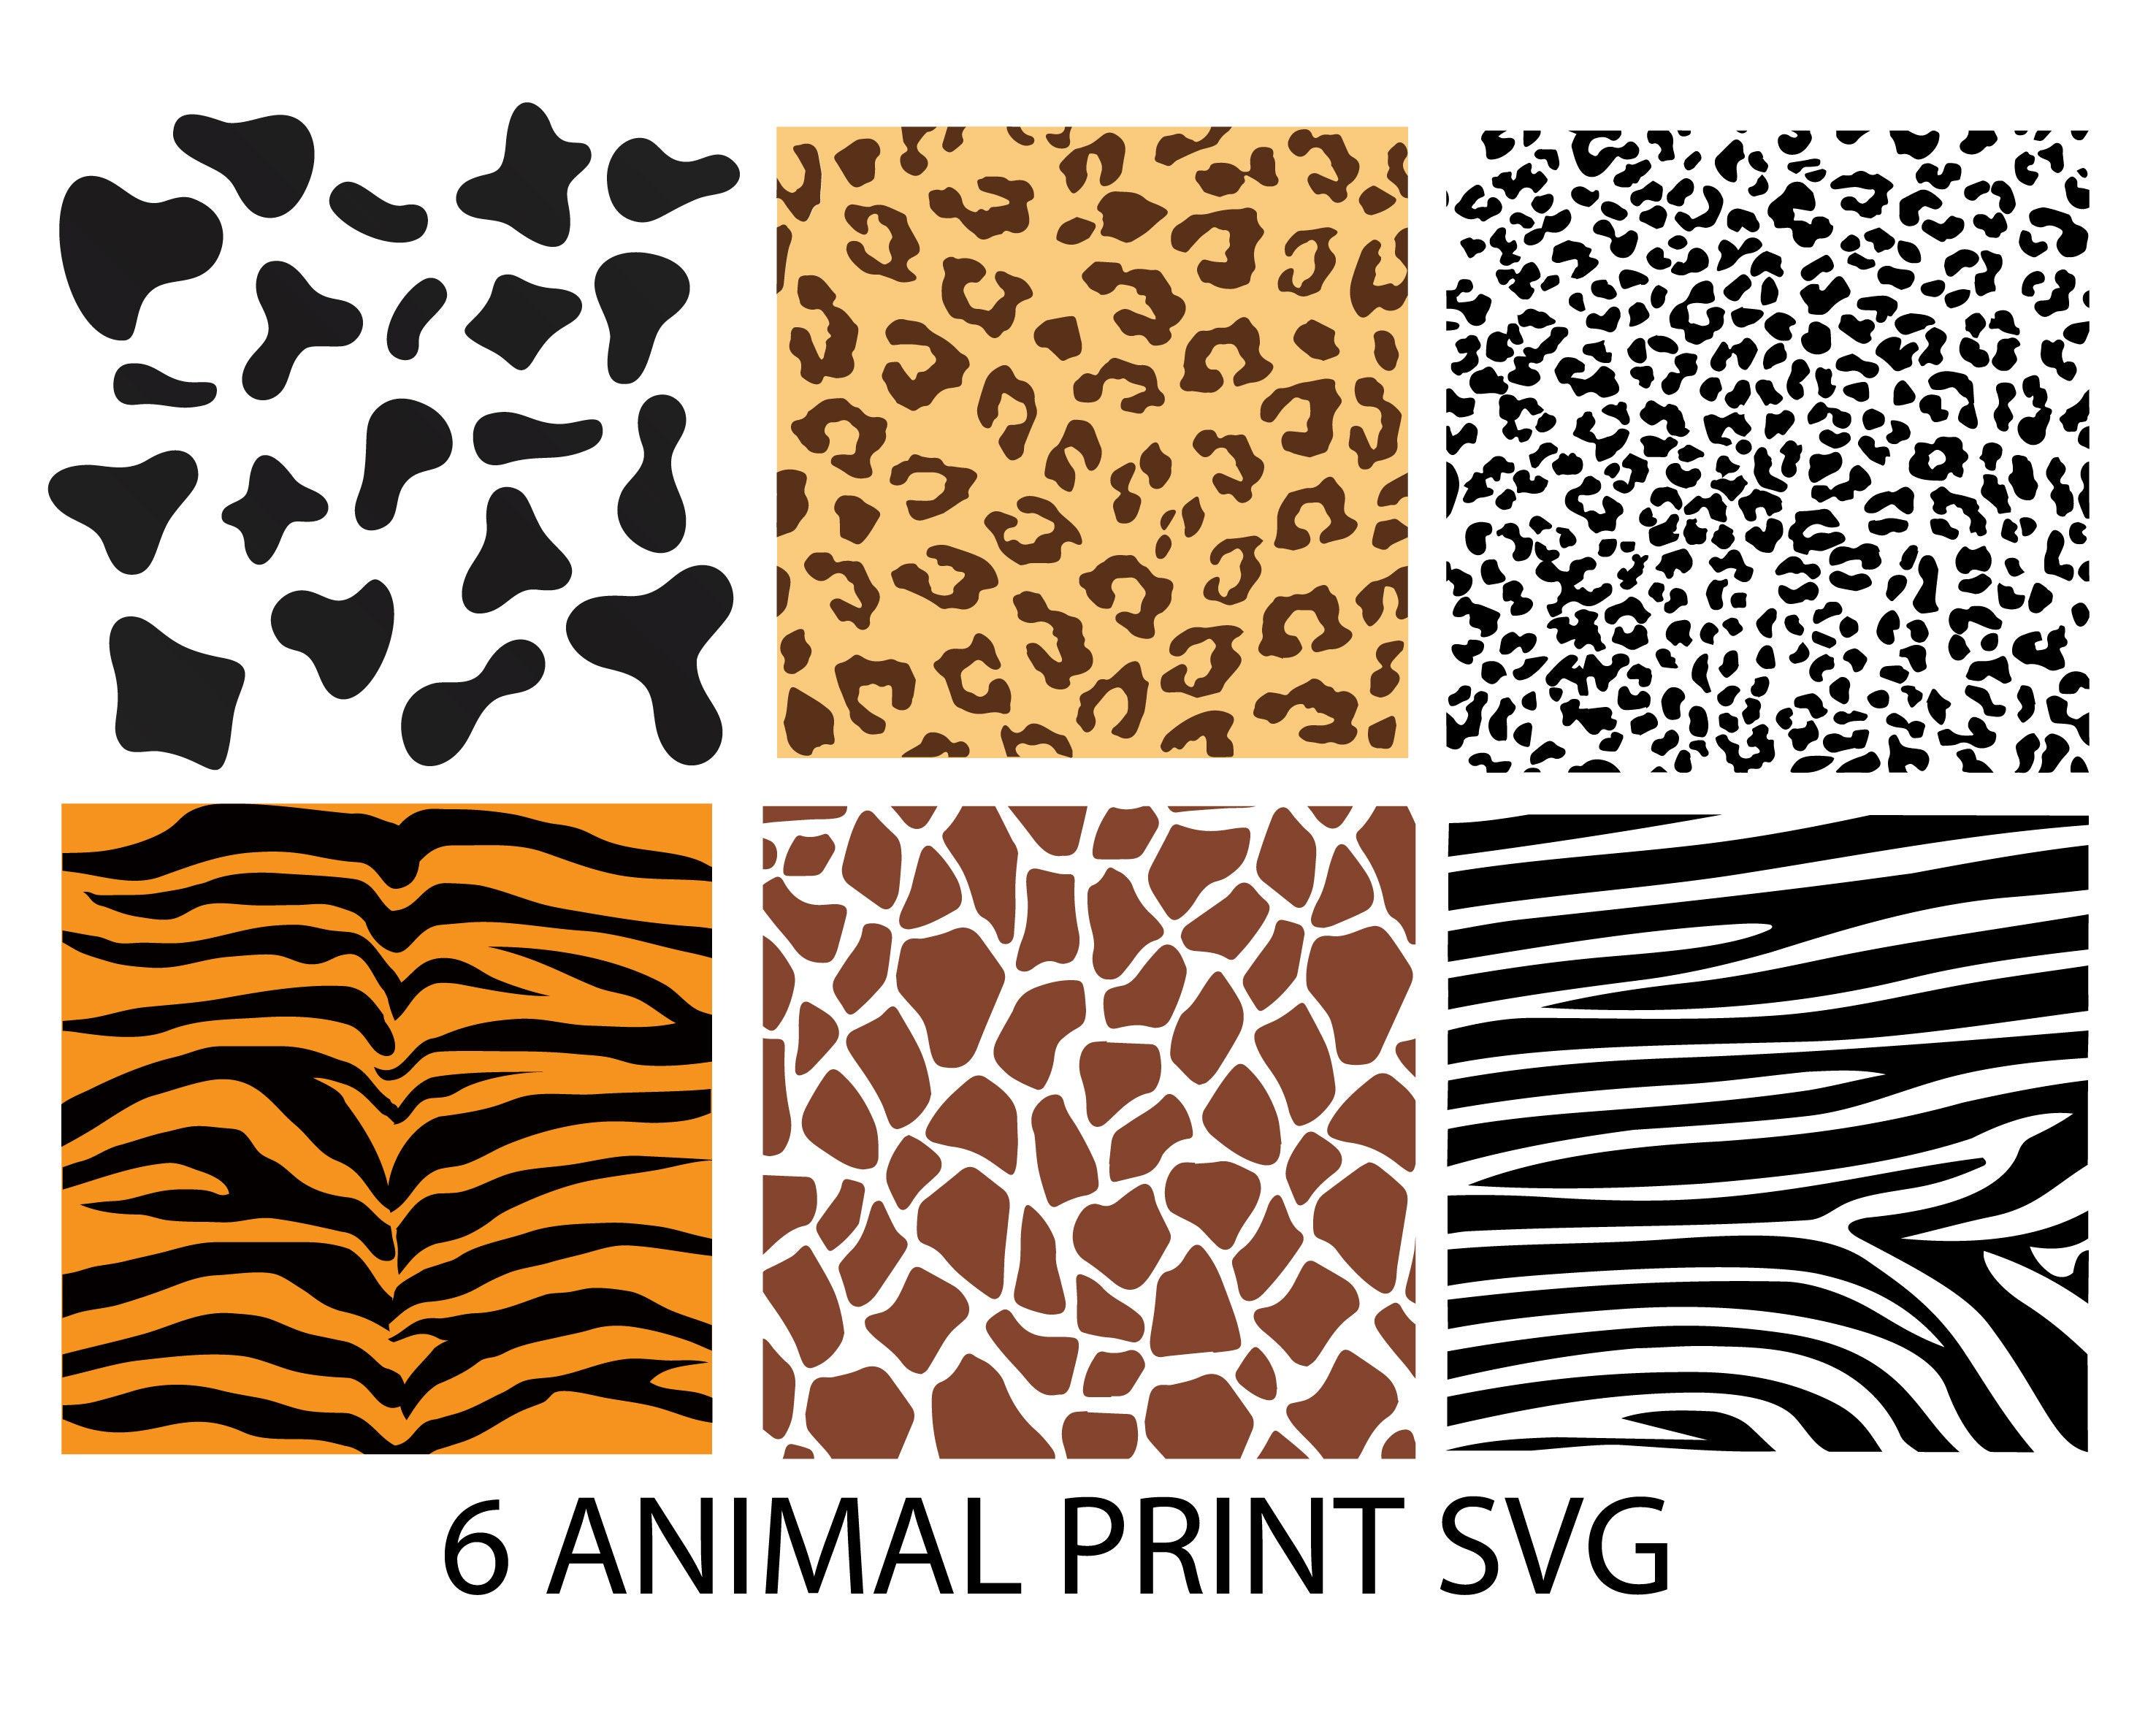 Leopard SVG Bundle Leopard Svg Files Leopard Patterns Svg Digital Download Leopard SVG 14 Leopard /& Zebra Seamless Patterns SVG Bundle